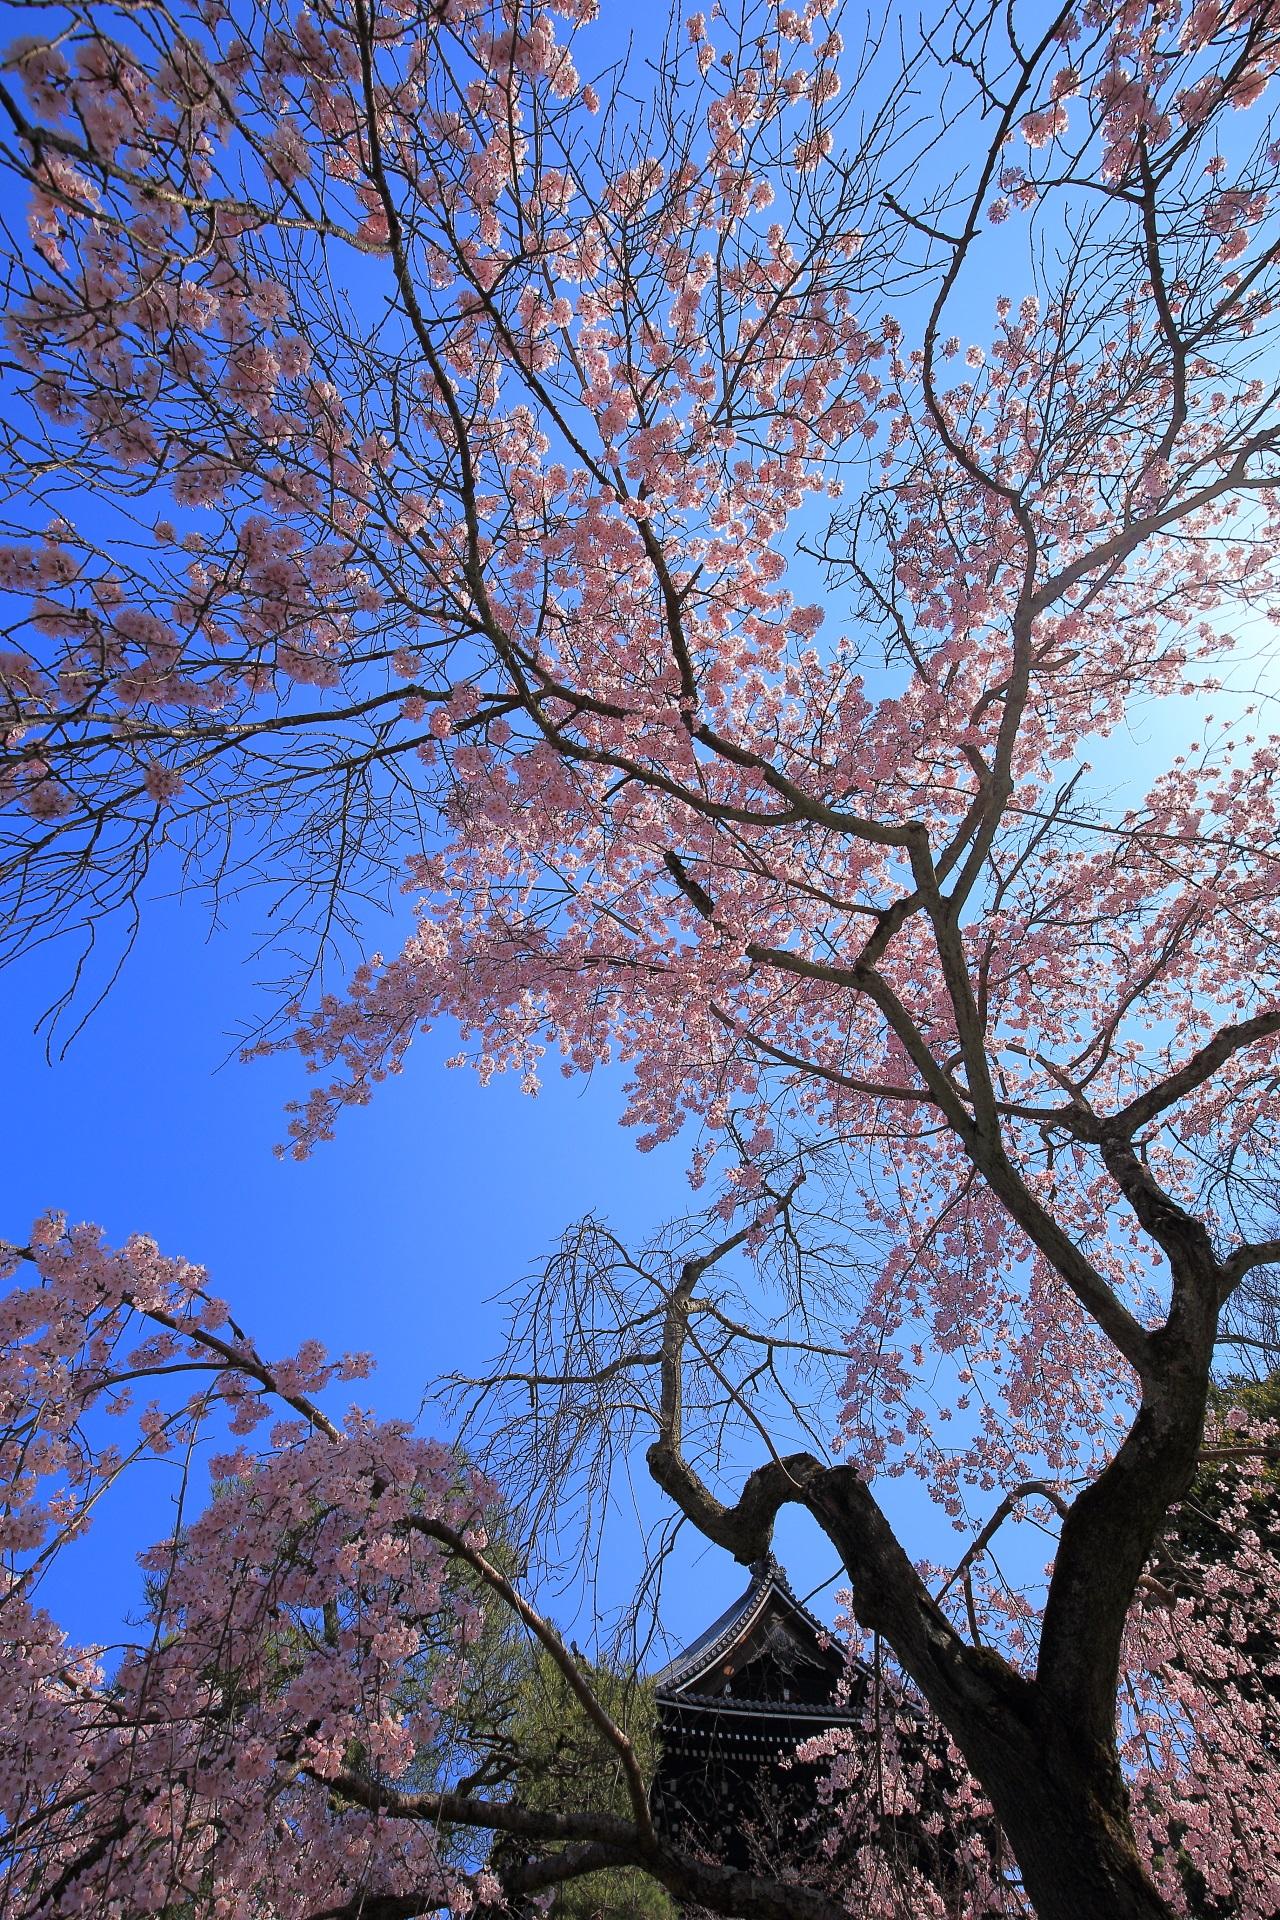 友禅苑の極上のしだれ桜と青空と知恩院三門の春の景色